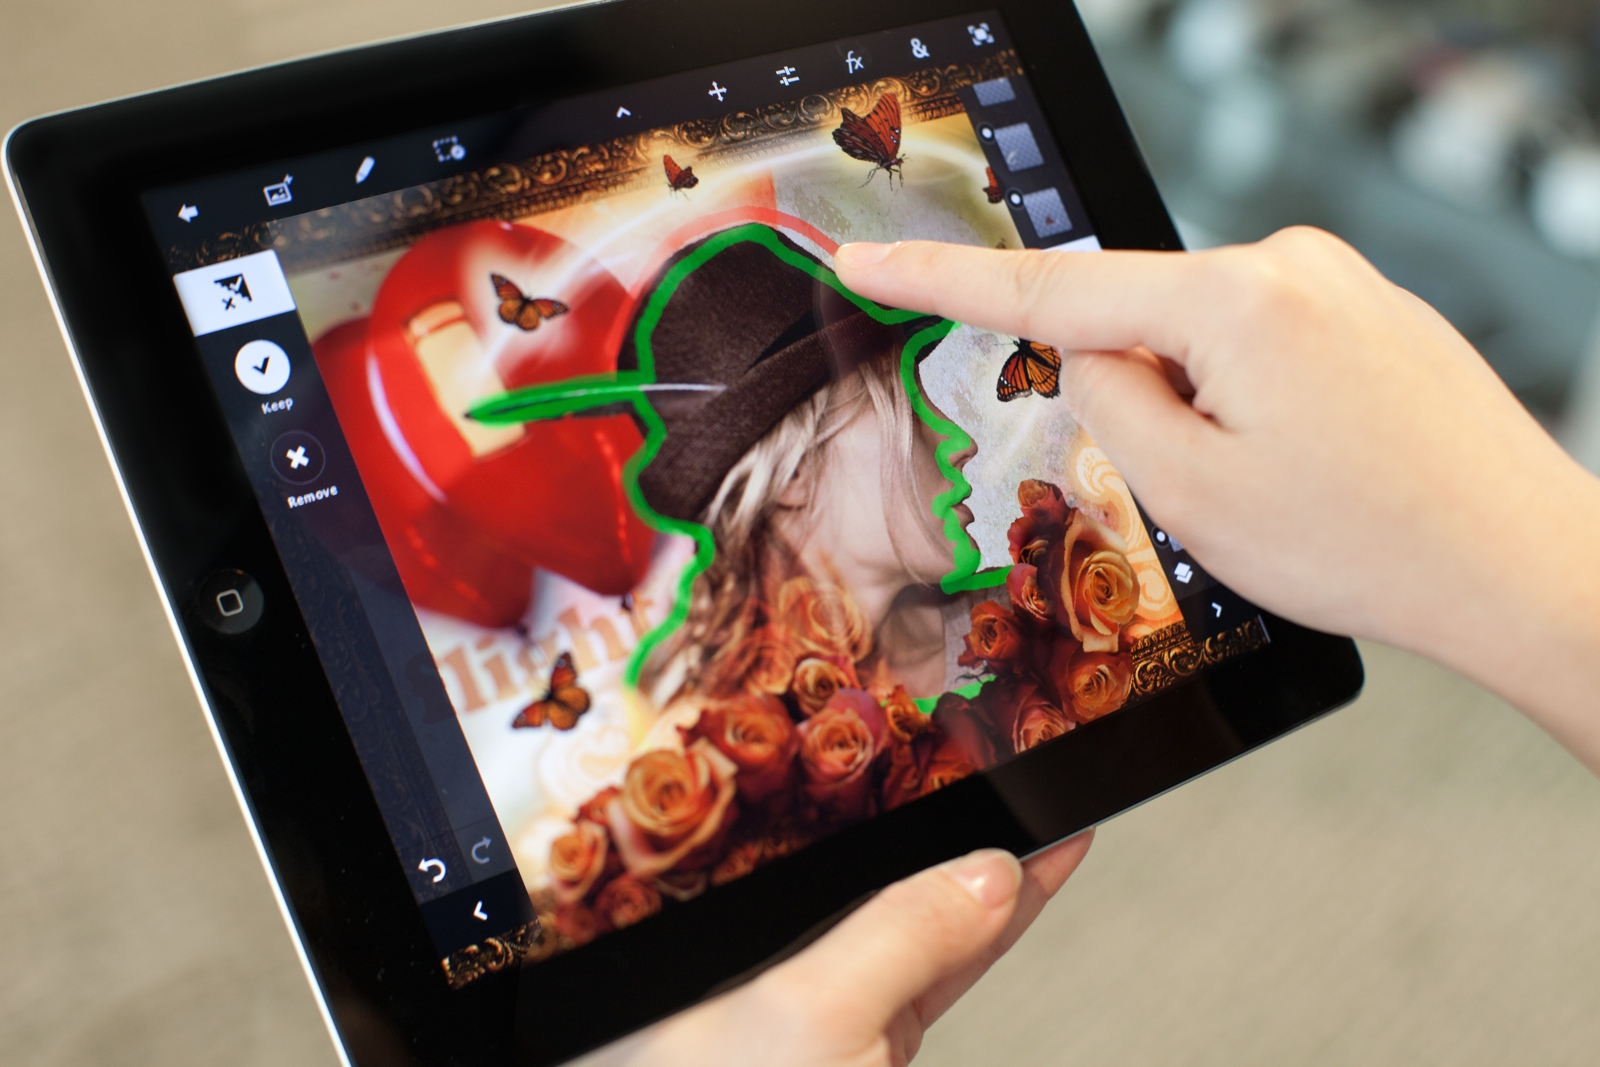 Adobe Photoshop Touch (c)Golem.de